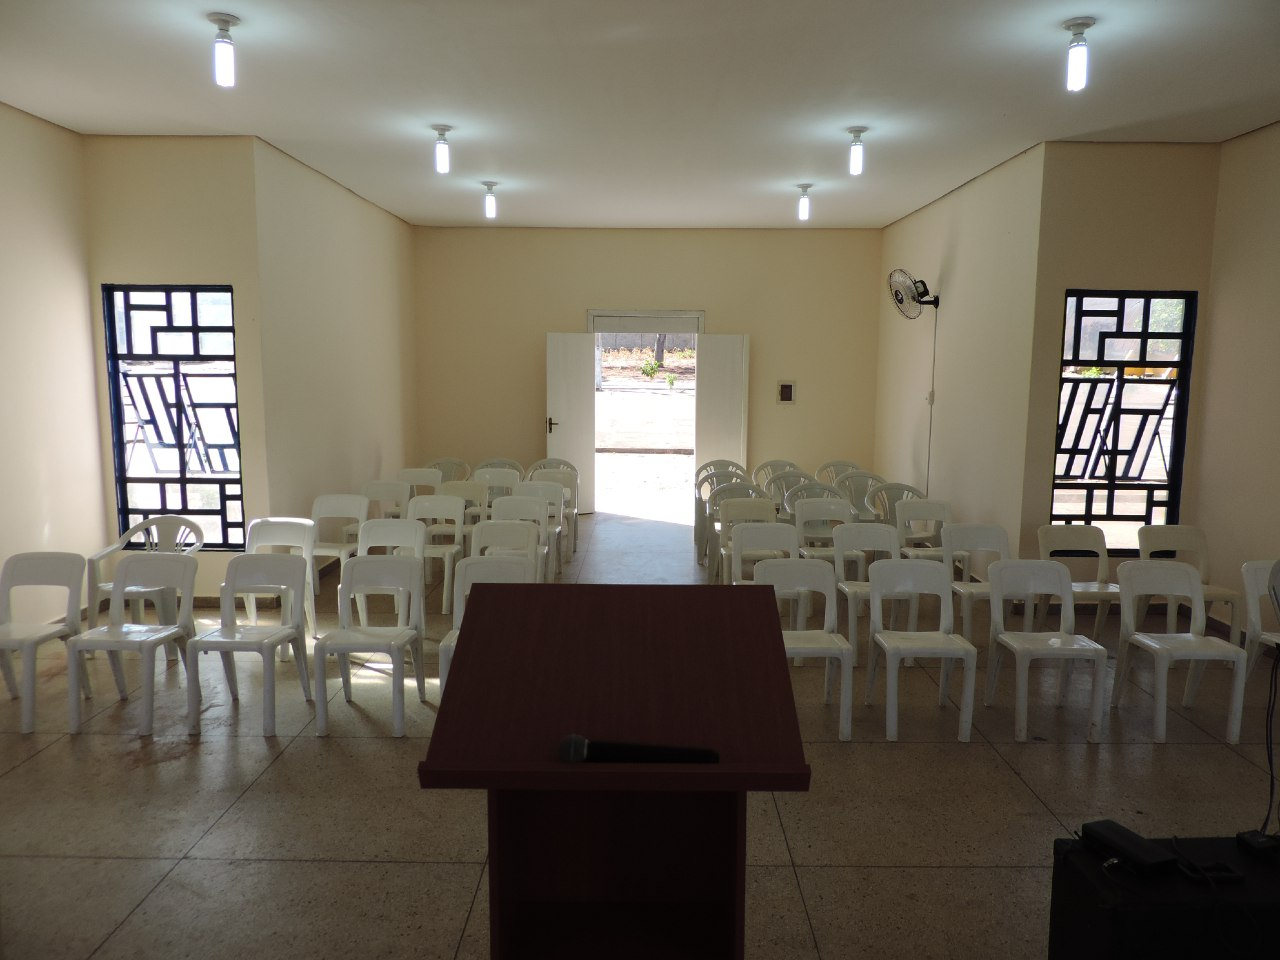 Capelania ganha destaque no Centro de Atendimento Socioeducativo de Palmas